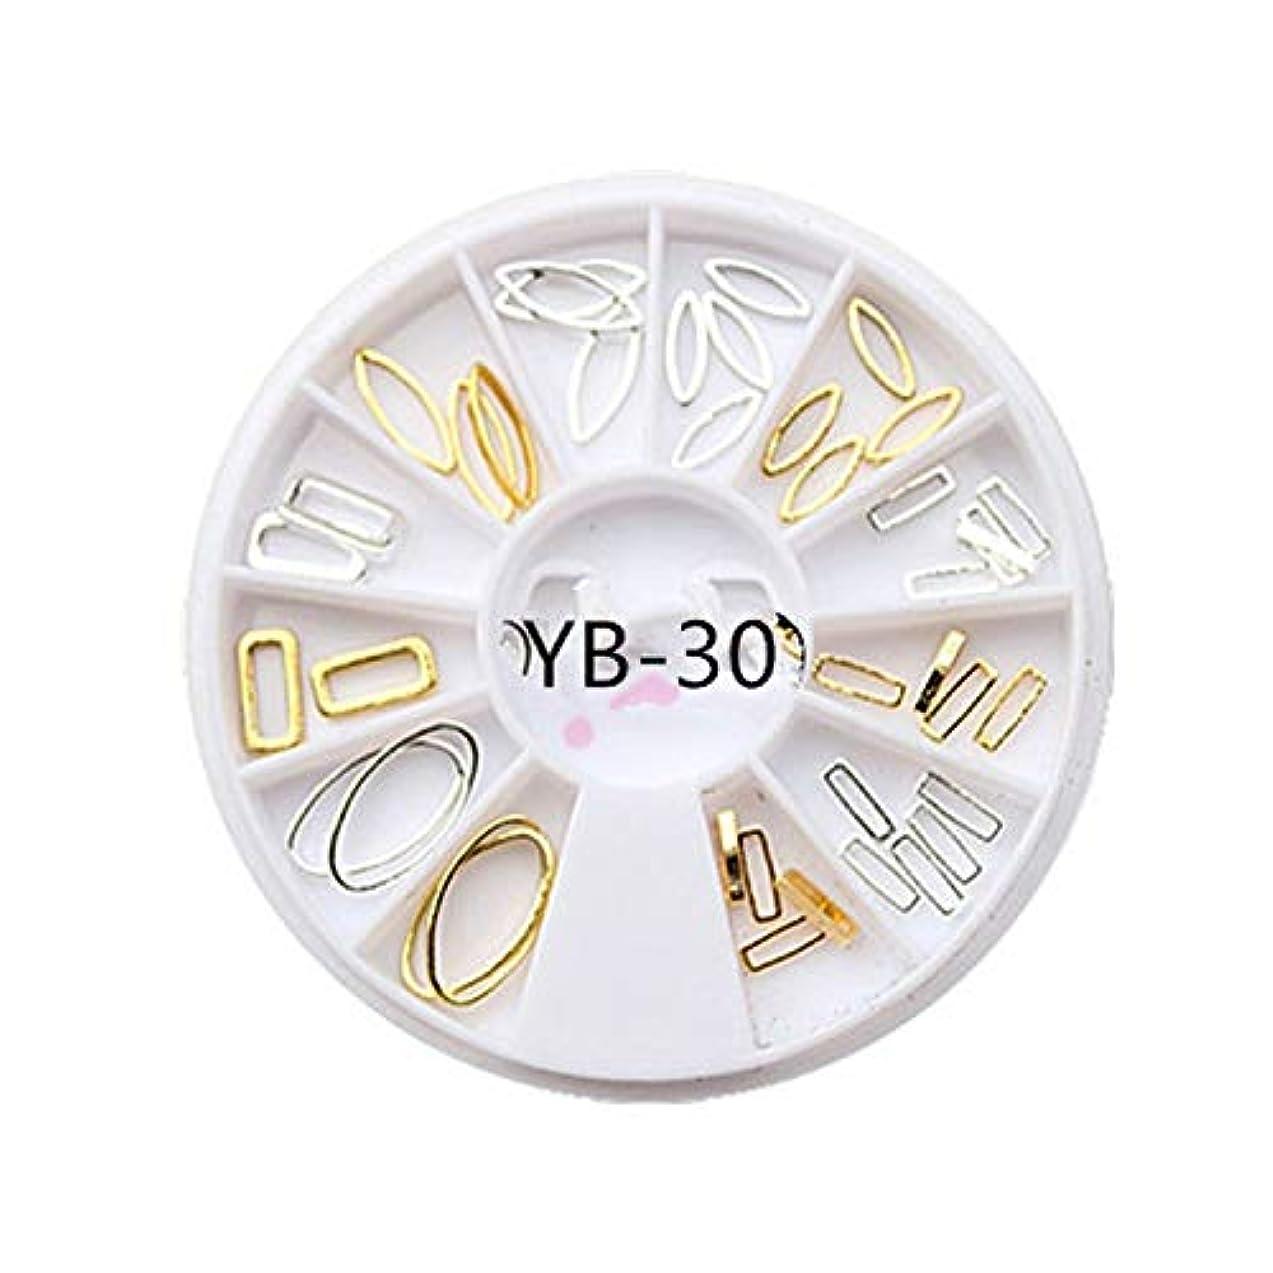 手足ビューティーケア 3ピースdiyマニキュアディスク飾りアーク金属リング不規則フレーム中空馬の目のリベット光線療法ネイルデコレーション (色 : YB-30)